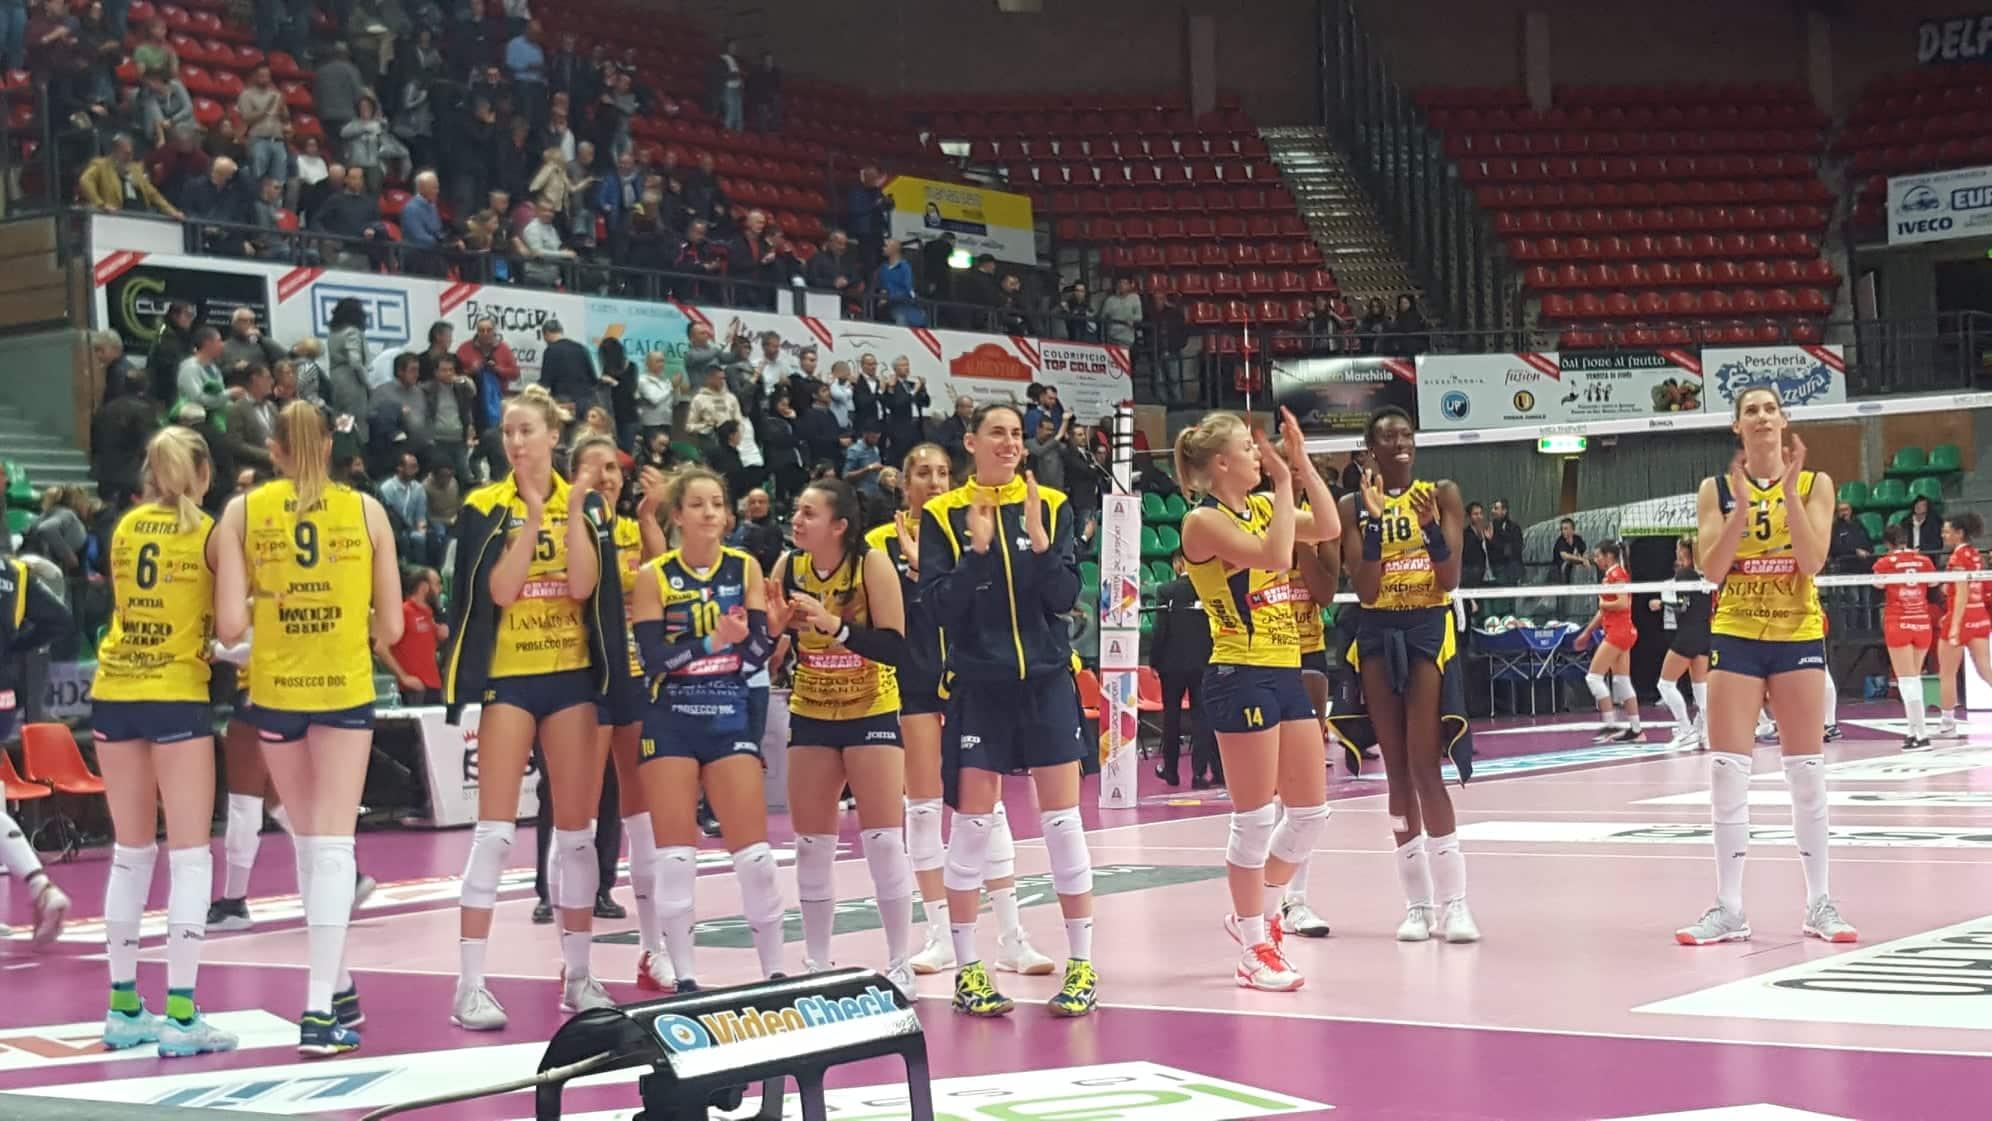 Volley A1/F: Conegliano è ancora di un'altra categoria, Cuneo ko 3-0 - IdeaWebTv